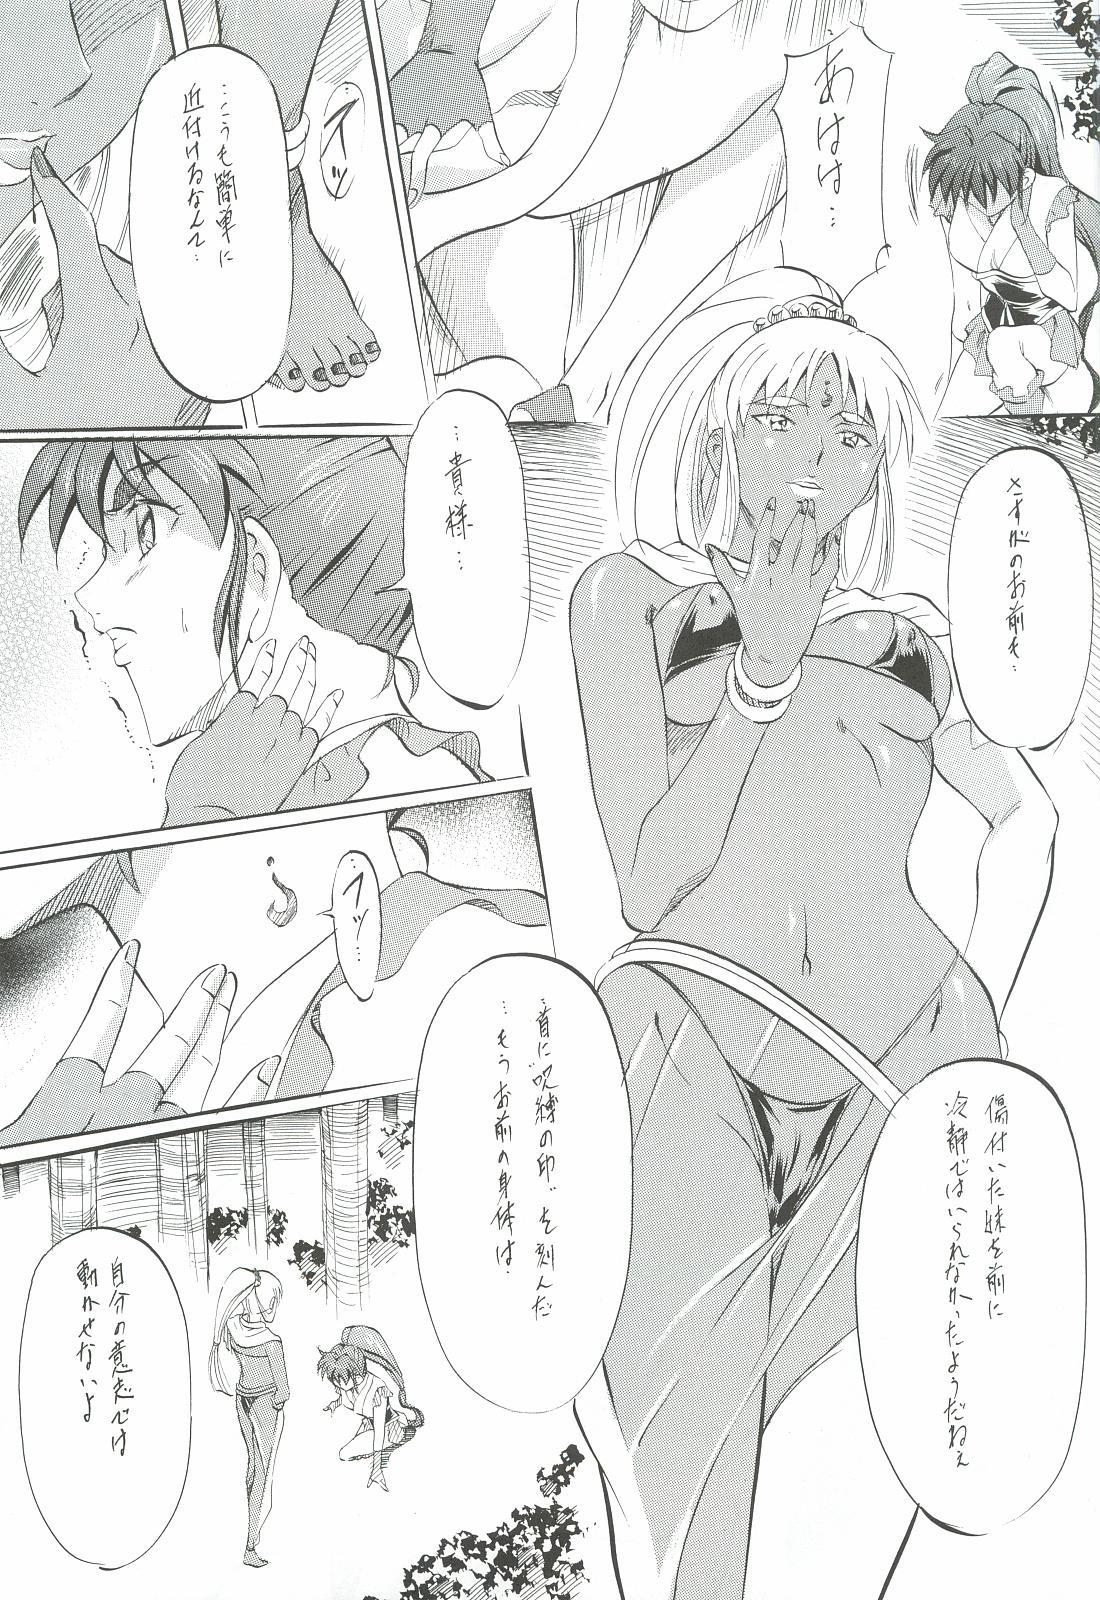 Ai & Mai Gaiden - Kishin Fukkatsu no Shou 91